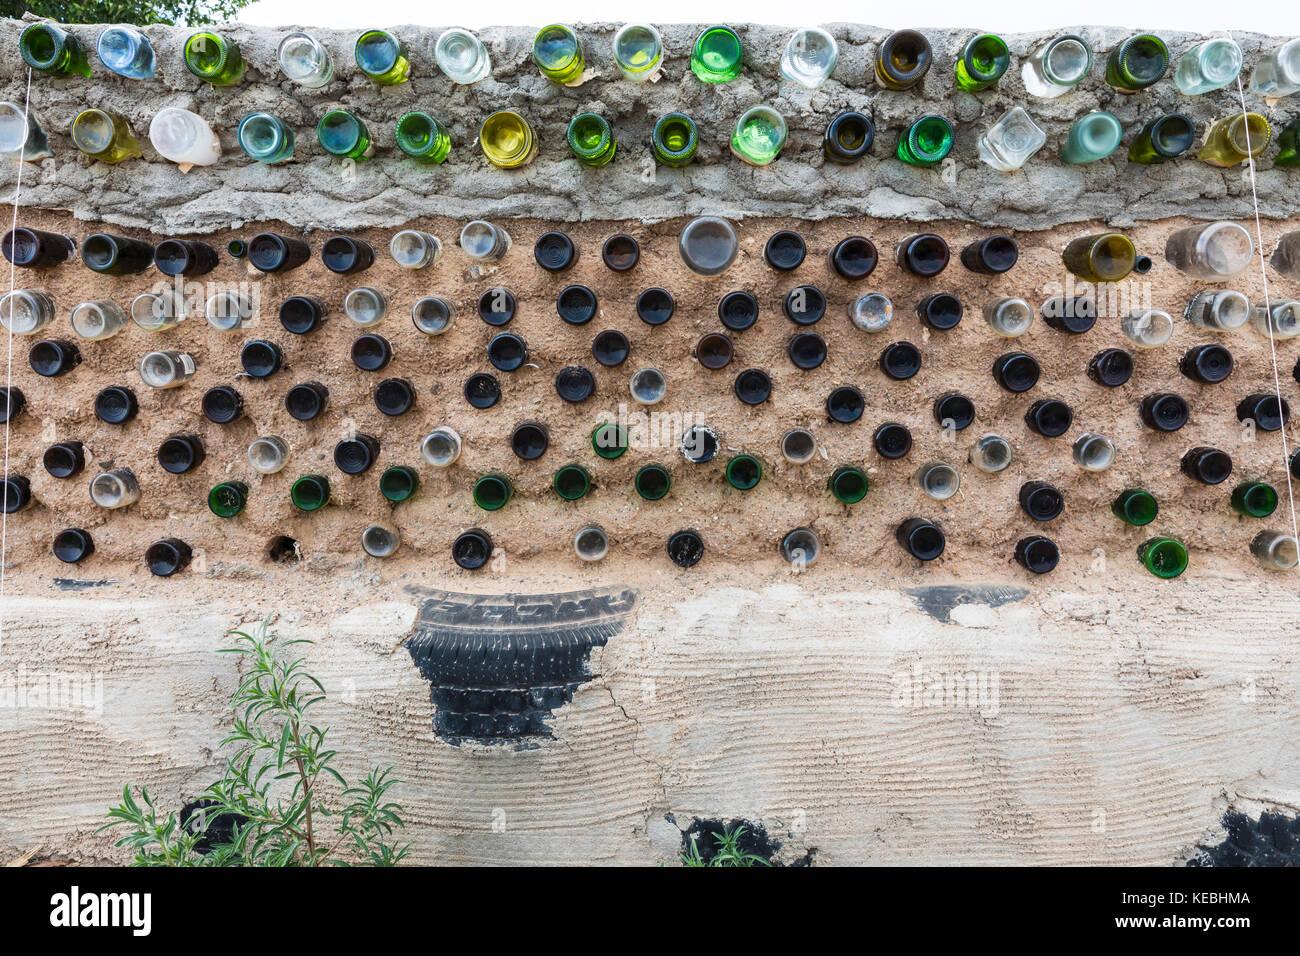 Costruire Una Parete In Vetrocemento le bottiglie di vetro e i materiali riciclati impiegati per